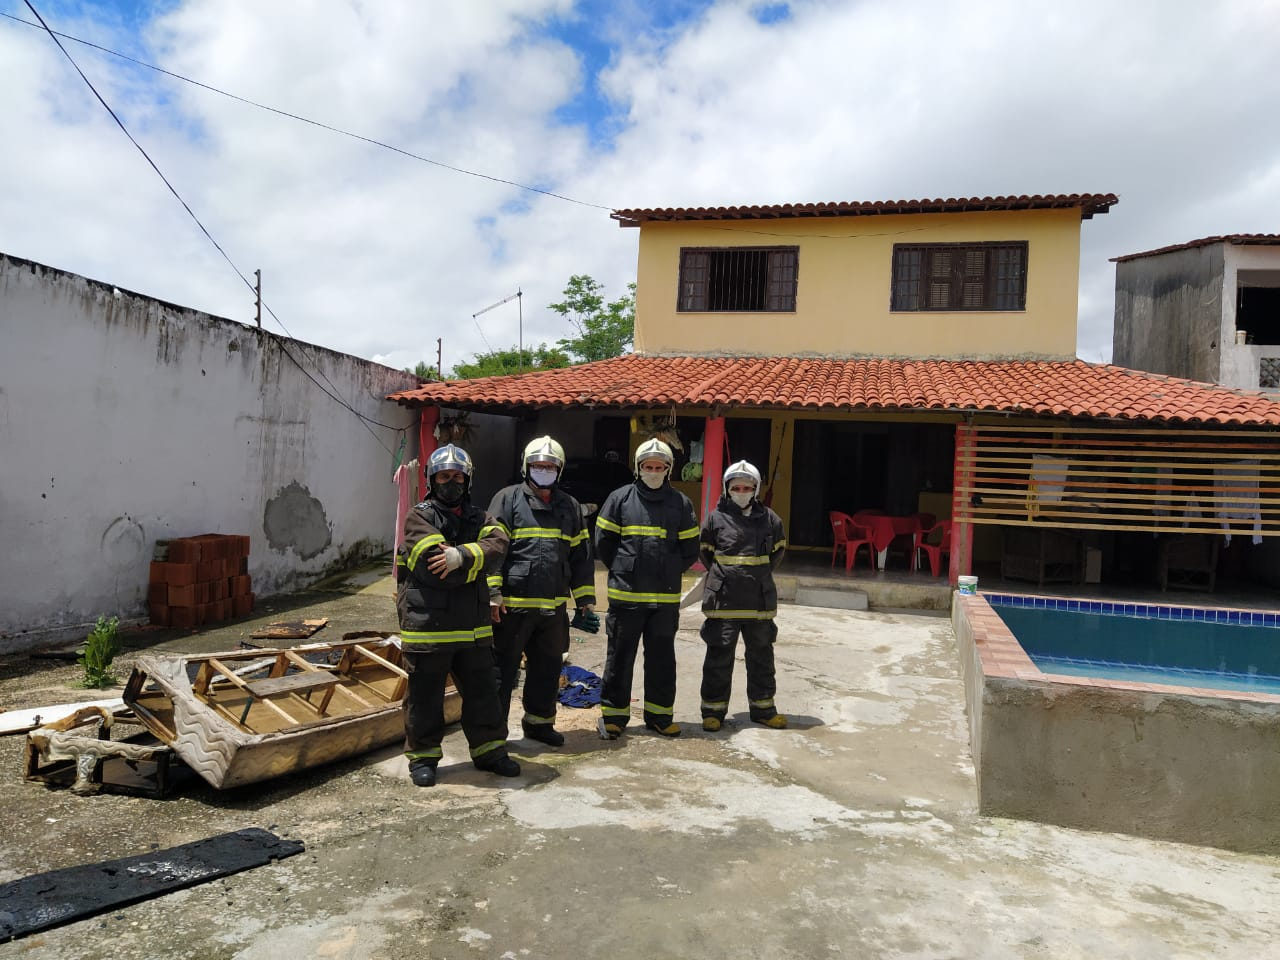 Bombeiros atuam em incêndio de uma residência no Pecém